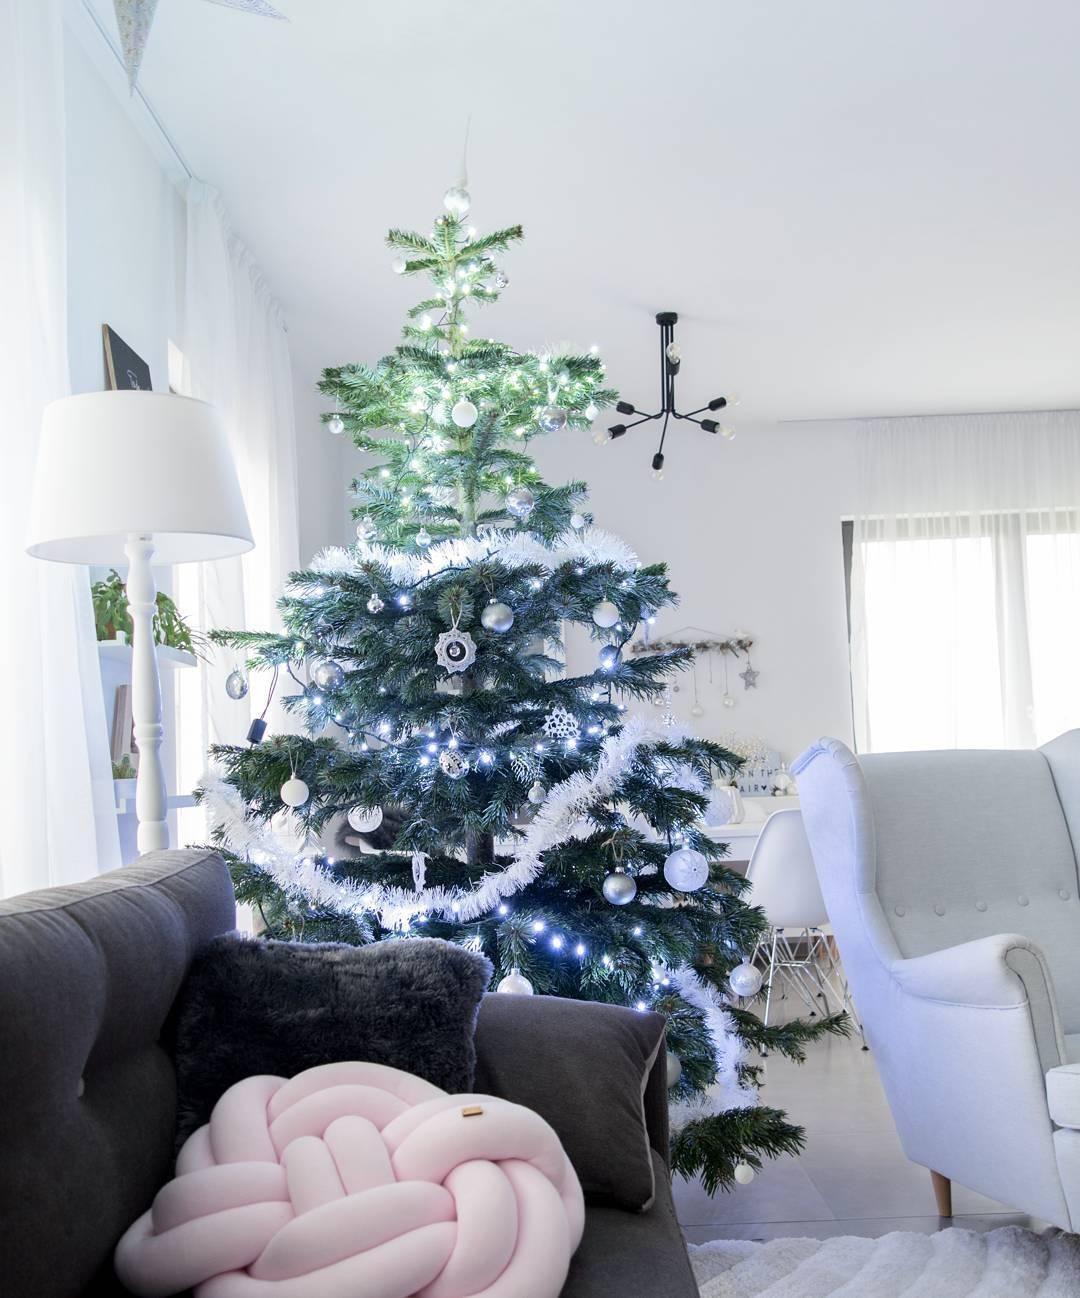 Weihnachtsdeko Xmas.Christmas Romance Weihnachtsdeko In Zartem Rosé Romantik Fans